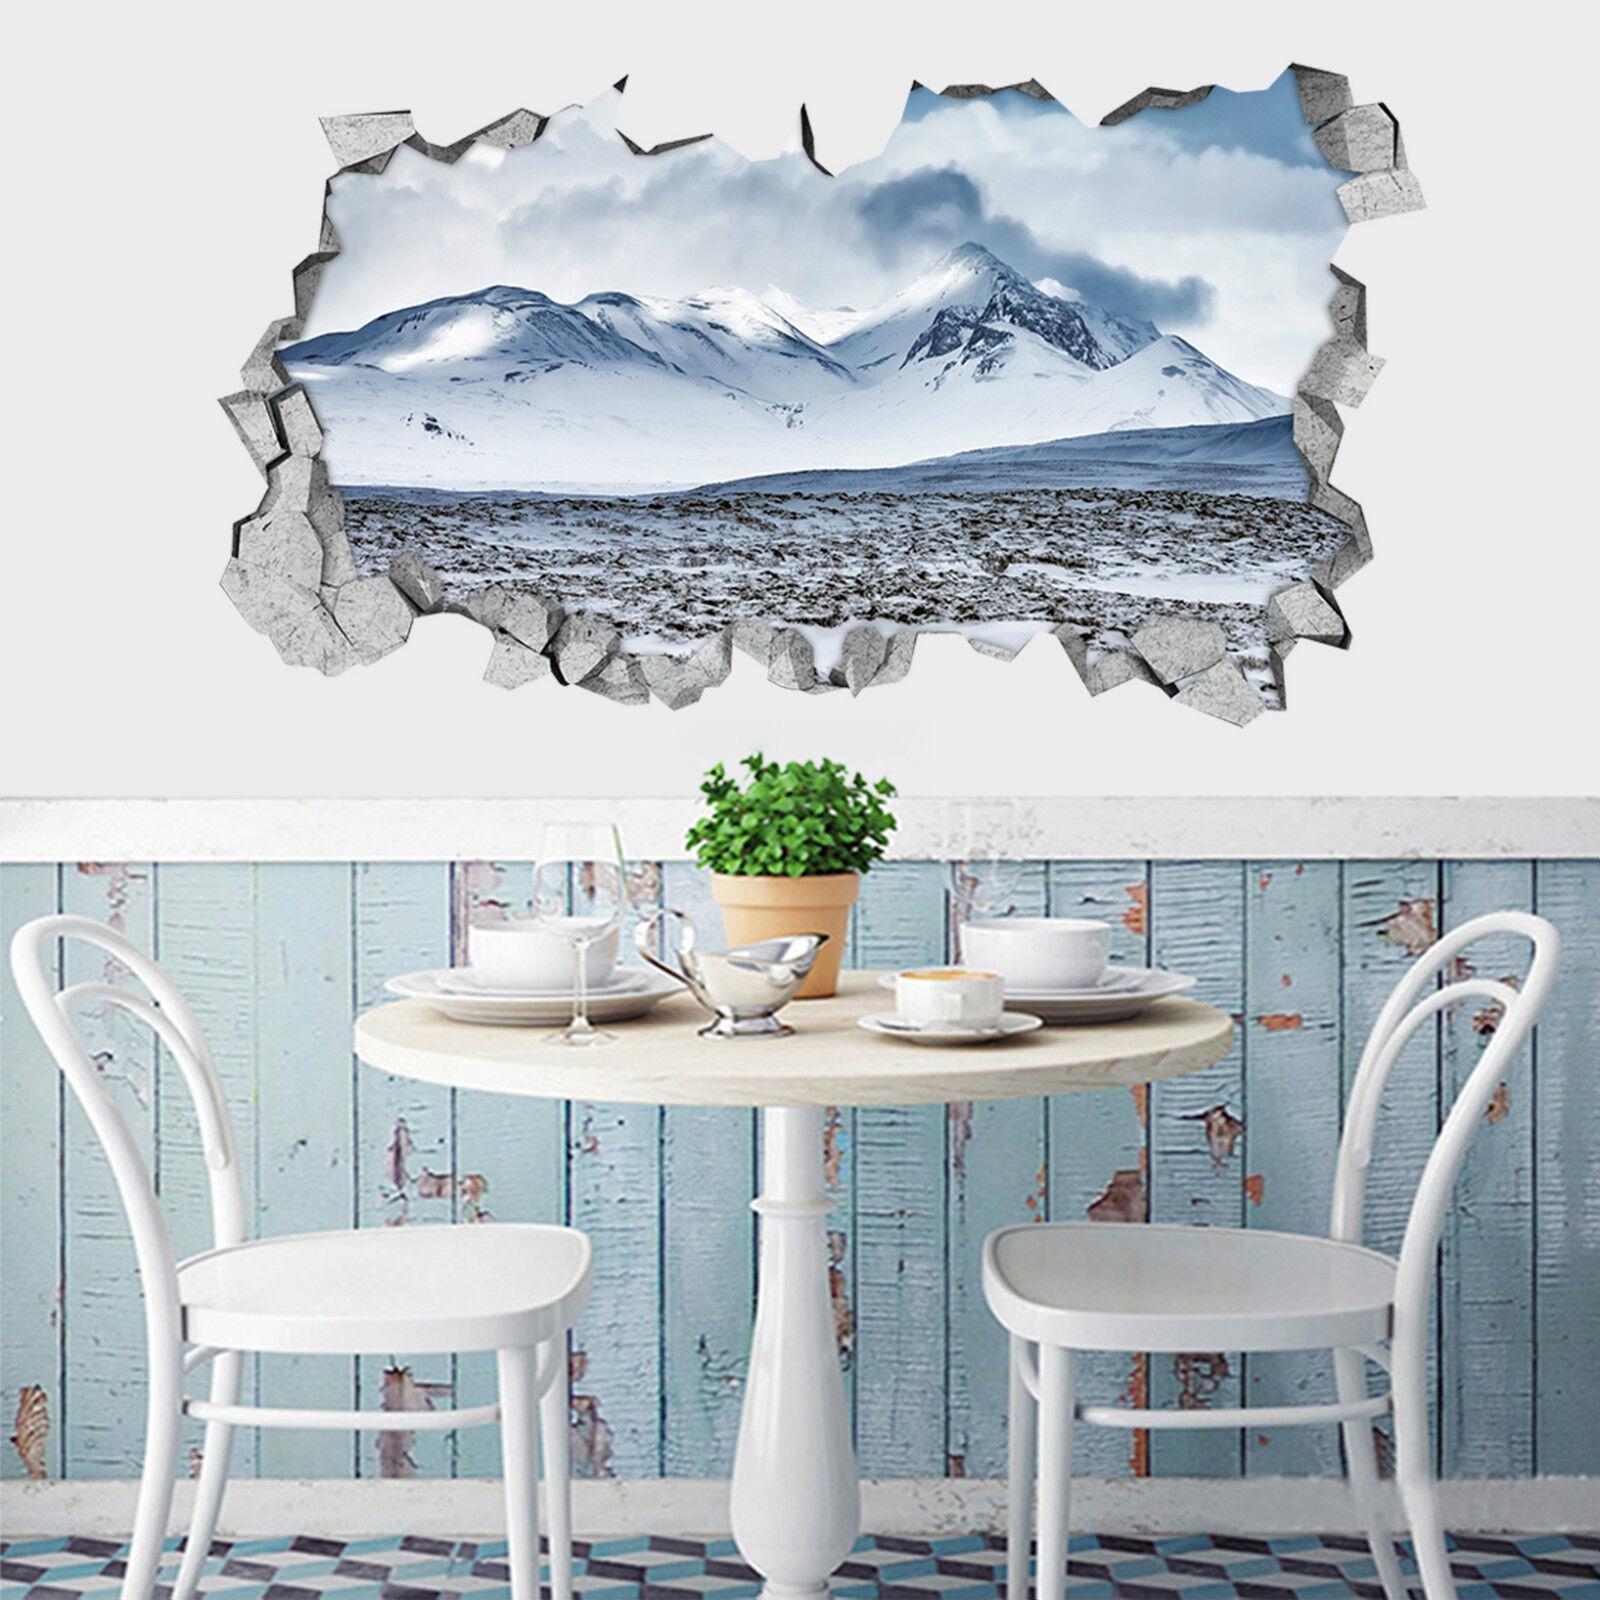 3D Schnee berg 666 Mauer Murals Aufklebe Decal Durchbruch AJ WALLPAPER DE Lemon